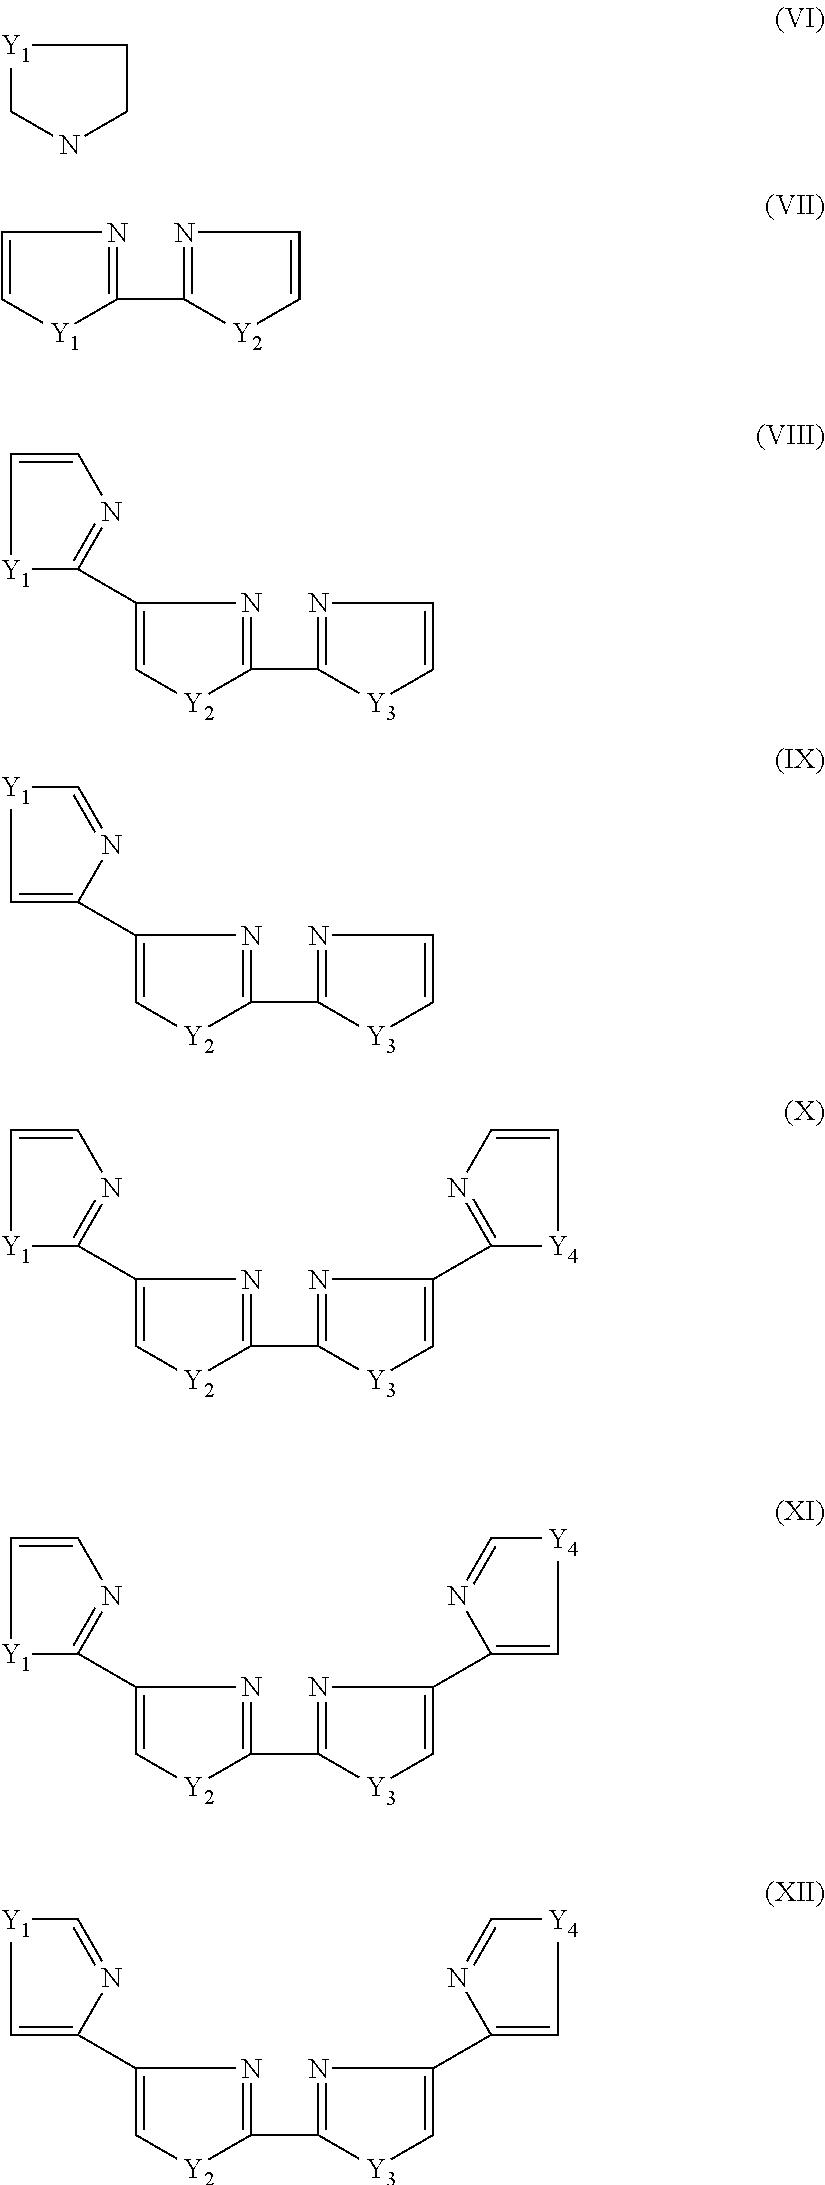 Figure US20100012519A1-20100121-C00005